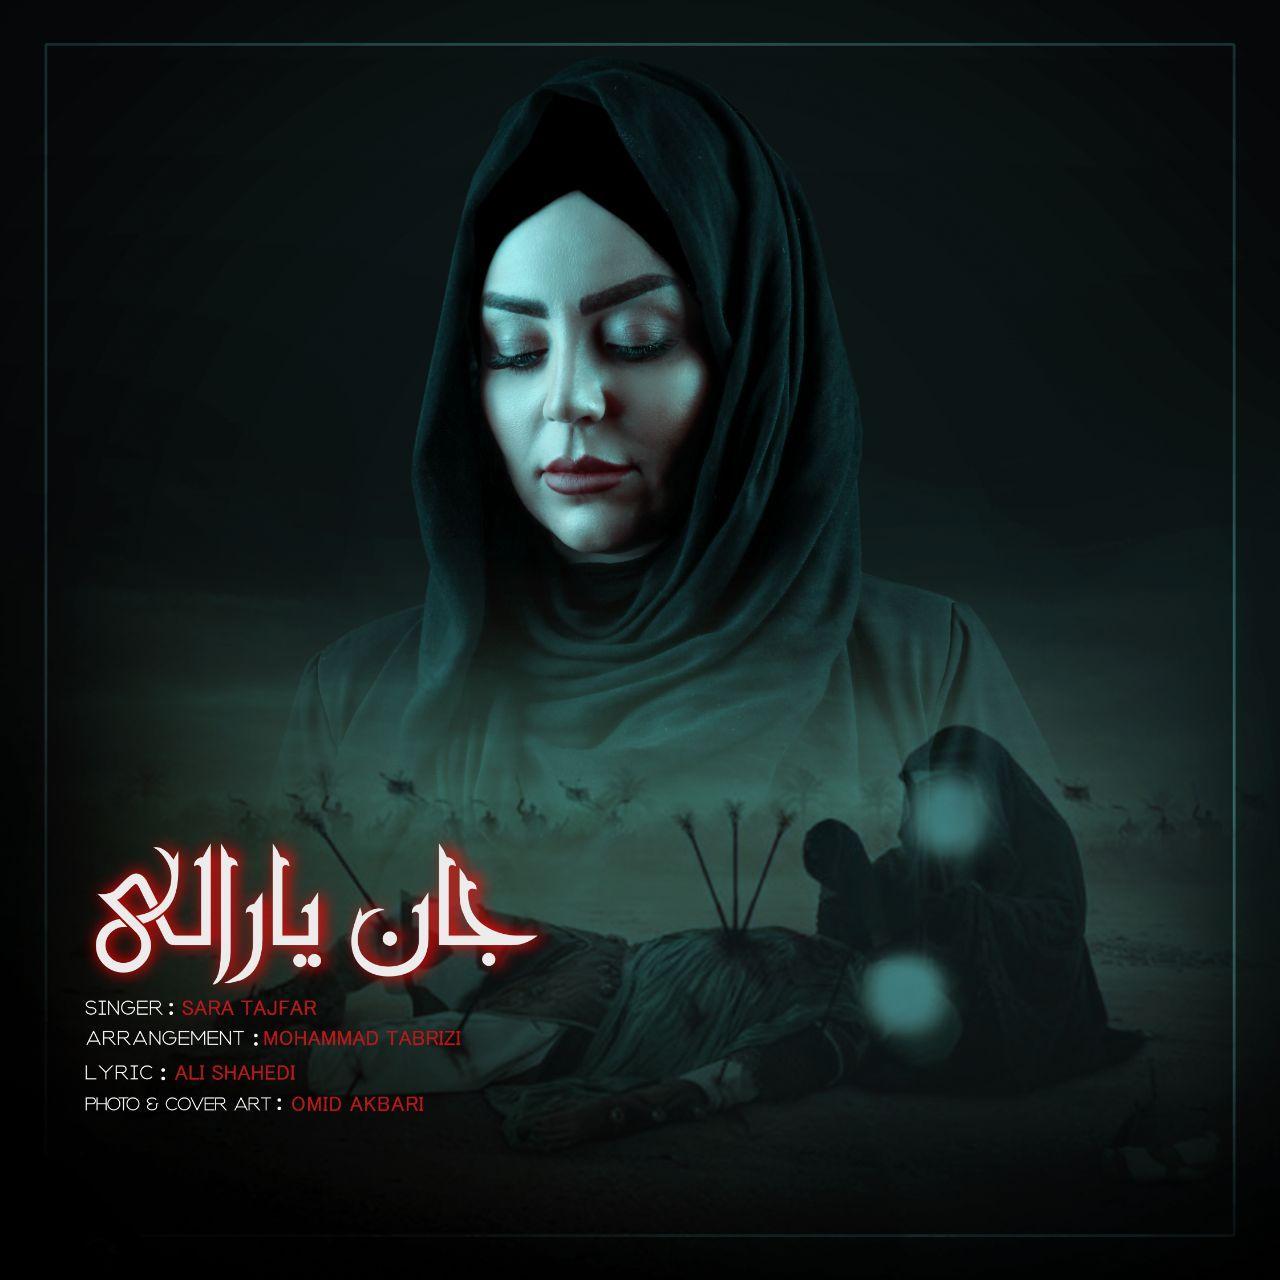 http://s11.picofile.com/file/8407273592/16Sara_Tajfar_Jan_Yarali.jpg